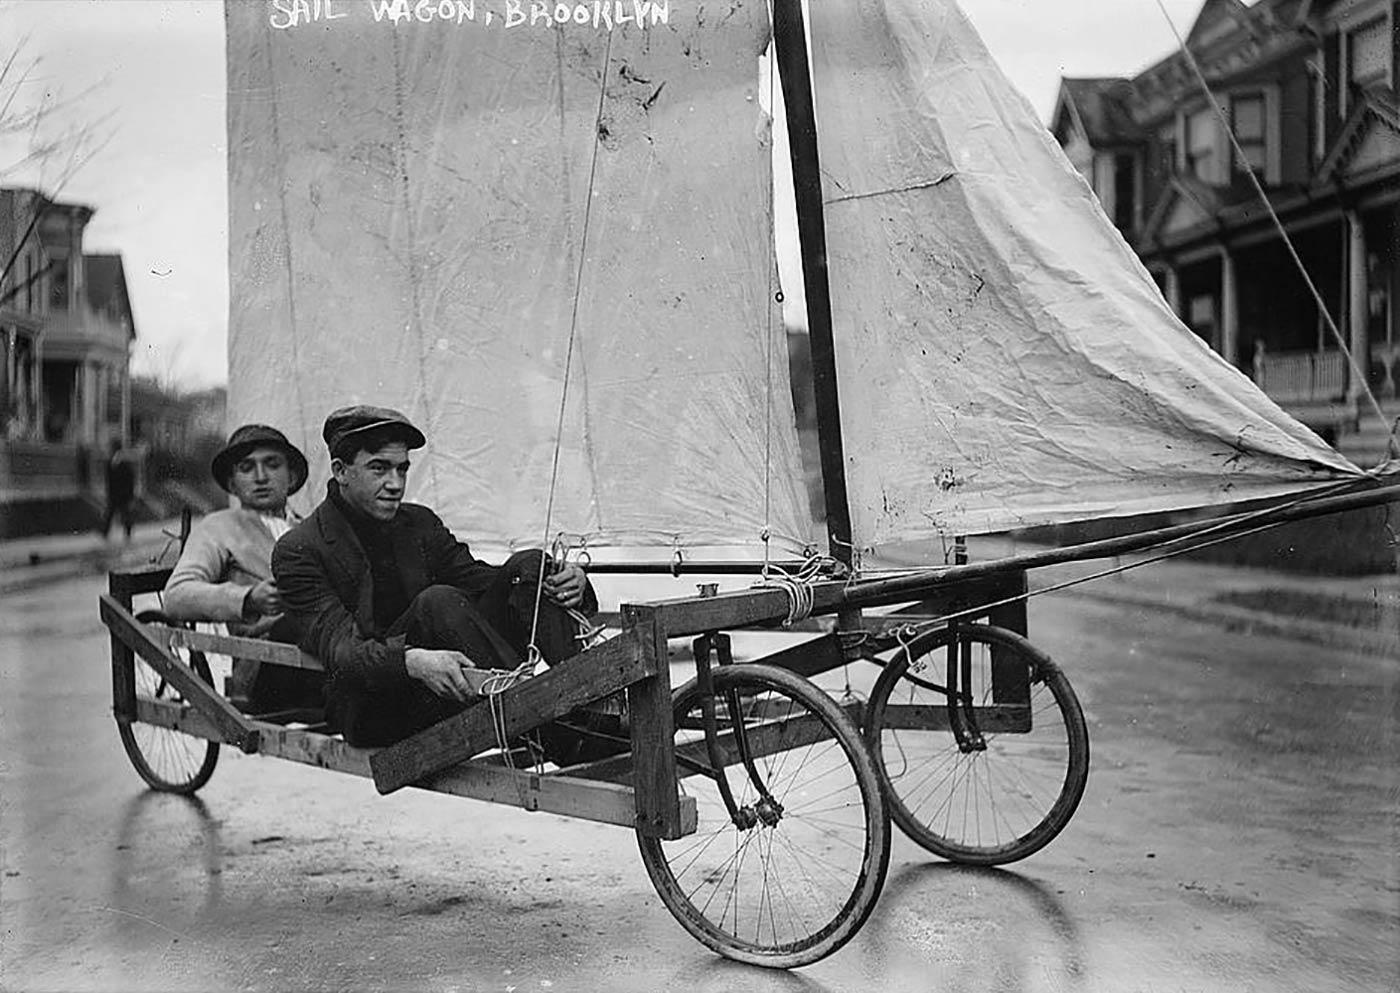 Sail Wagon, Brooklyn (LOC)